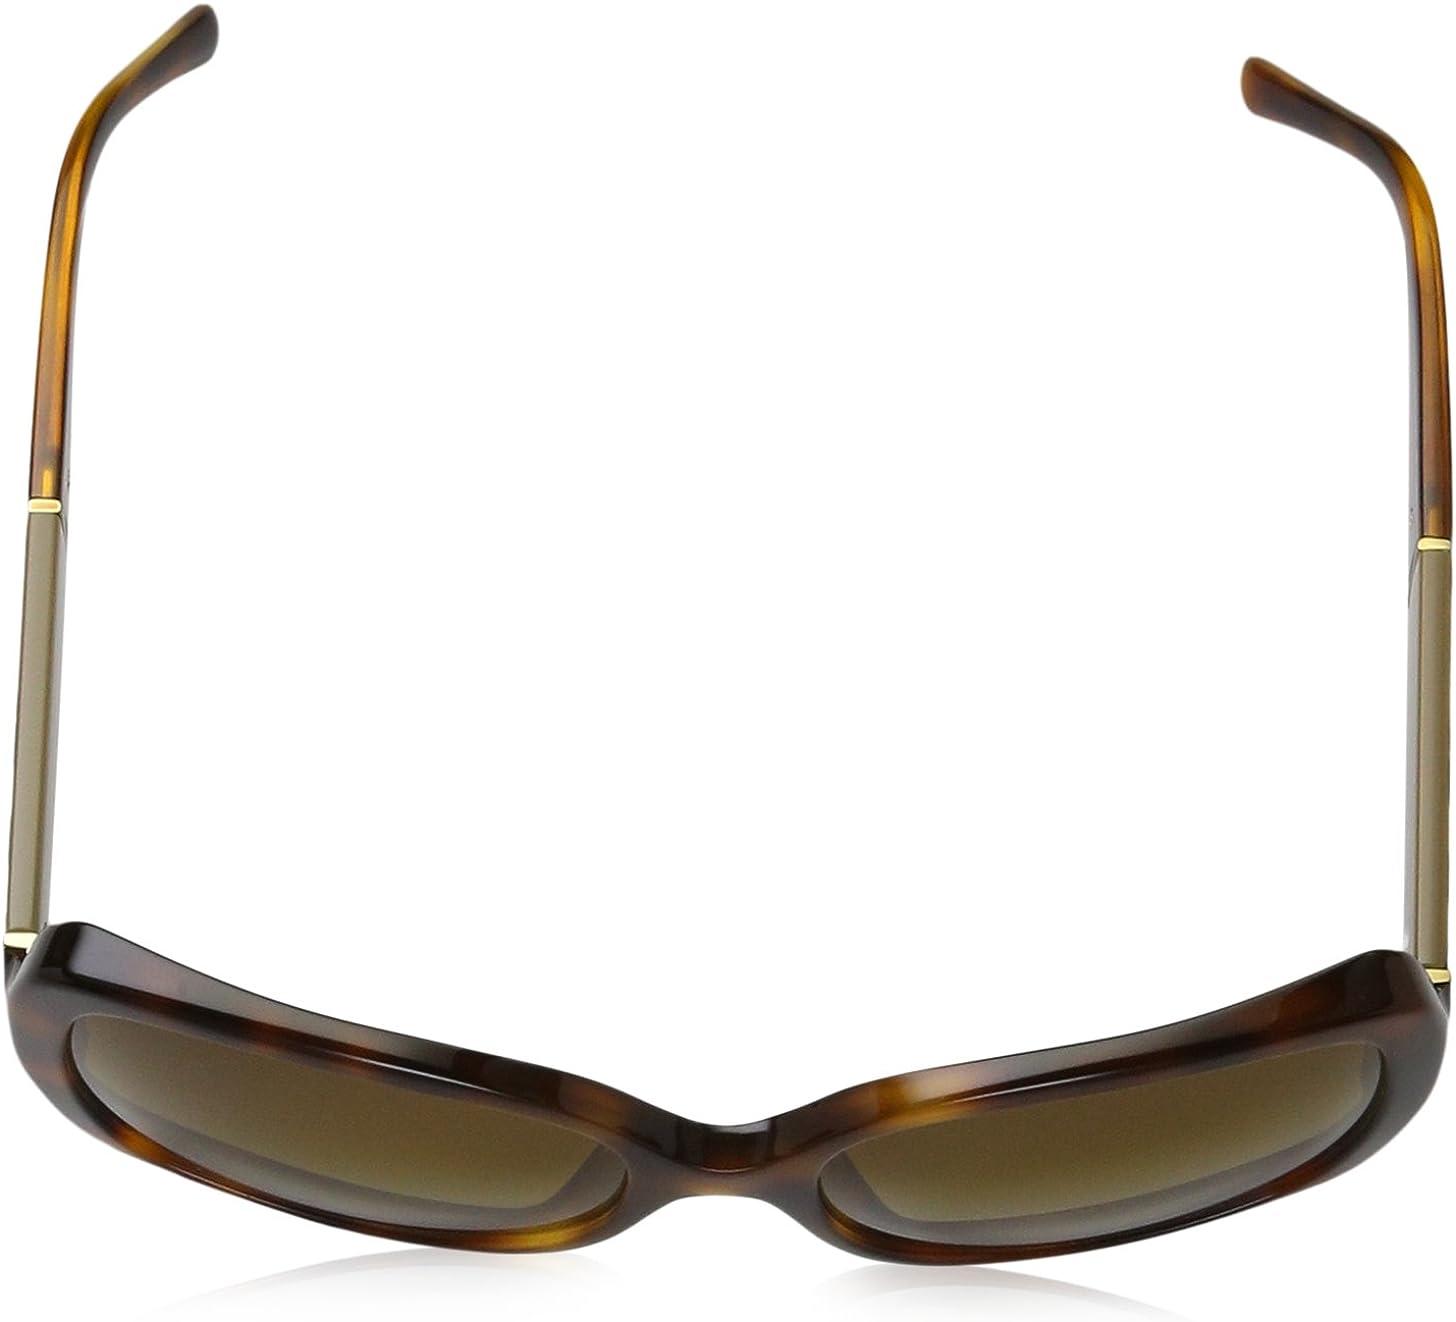 BURBERRY mixte adulte Lunettes de Soleil BE4160 Marron (Light Havana/Polar Brown Gradient)